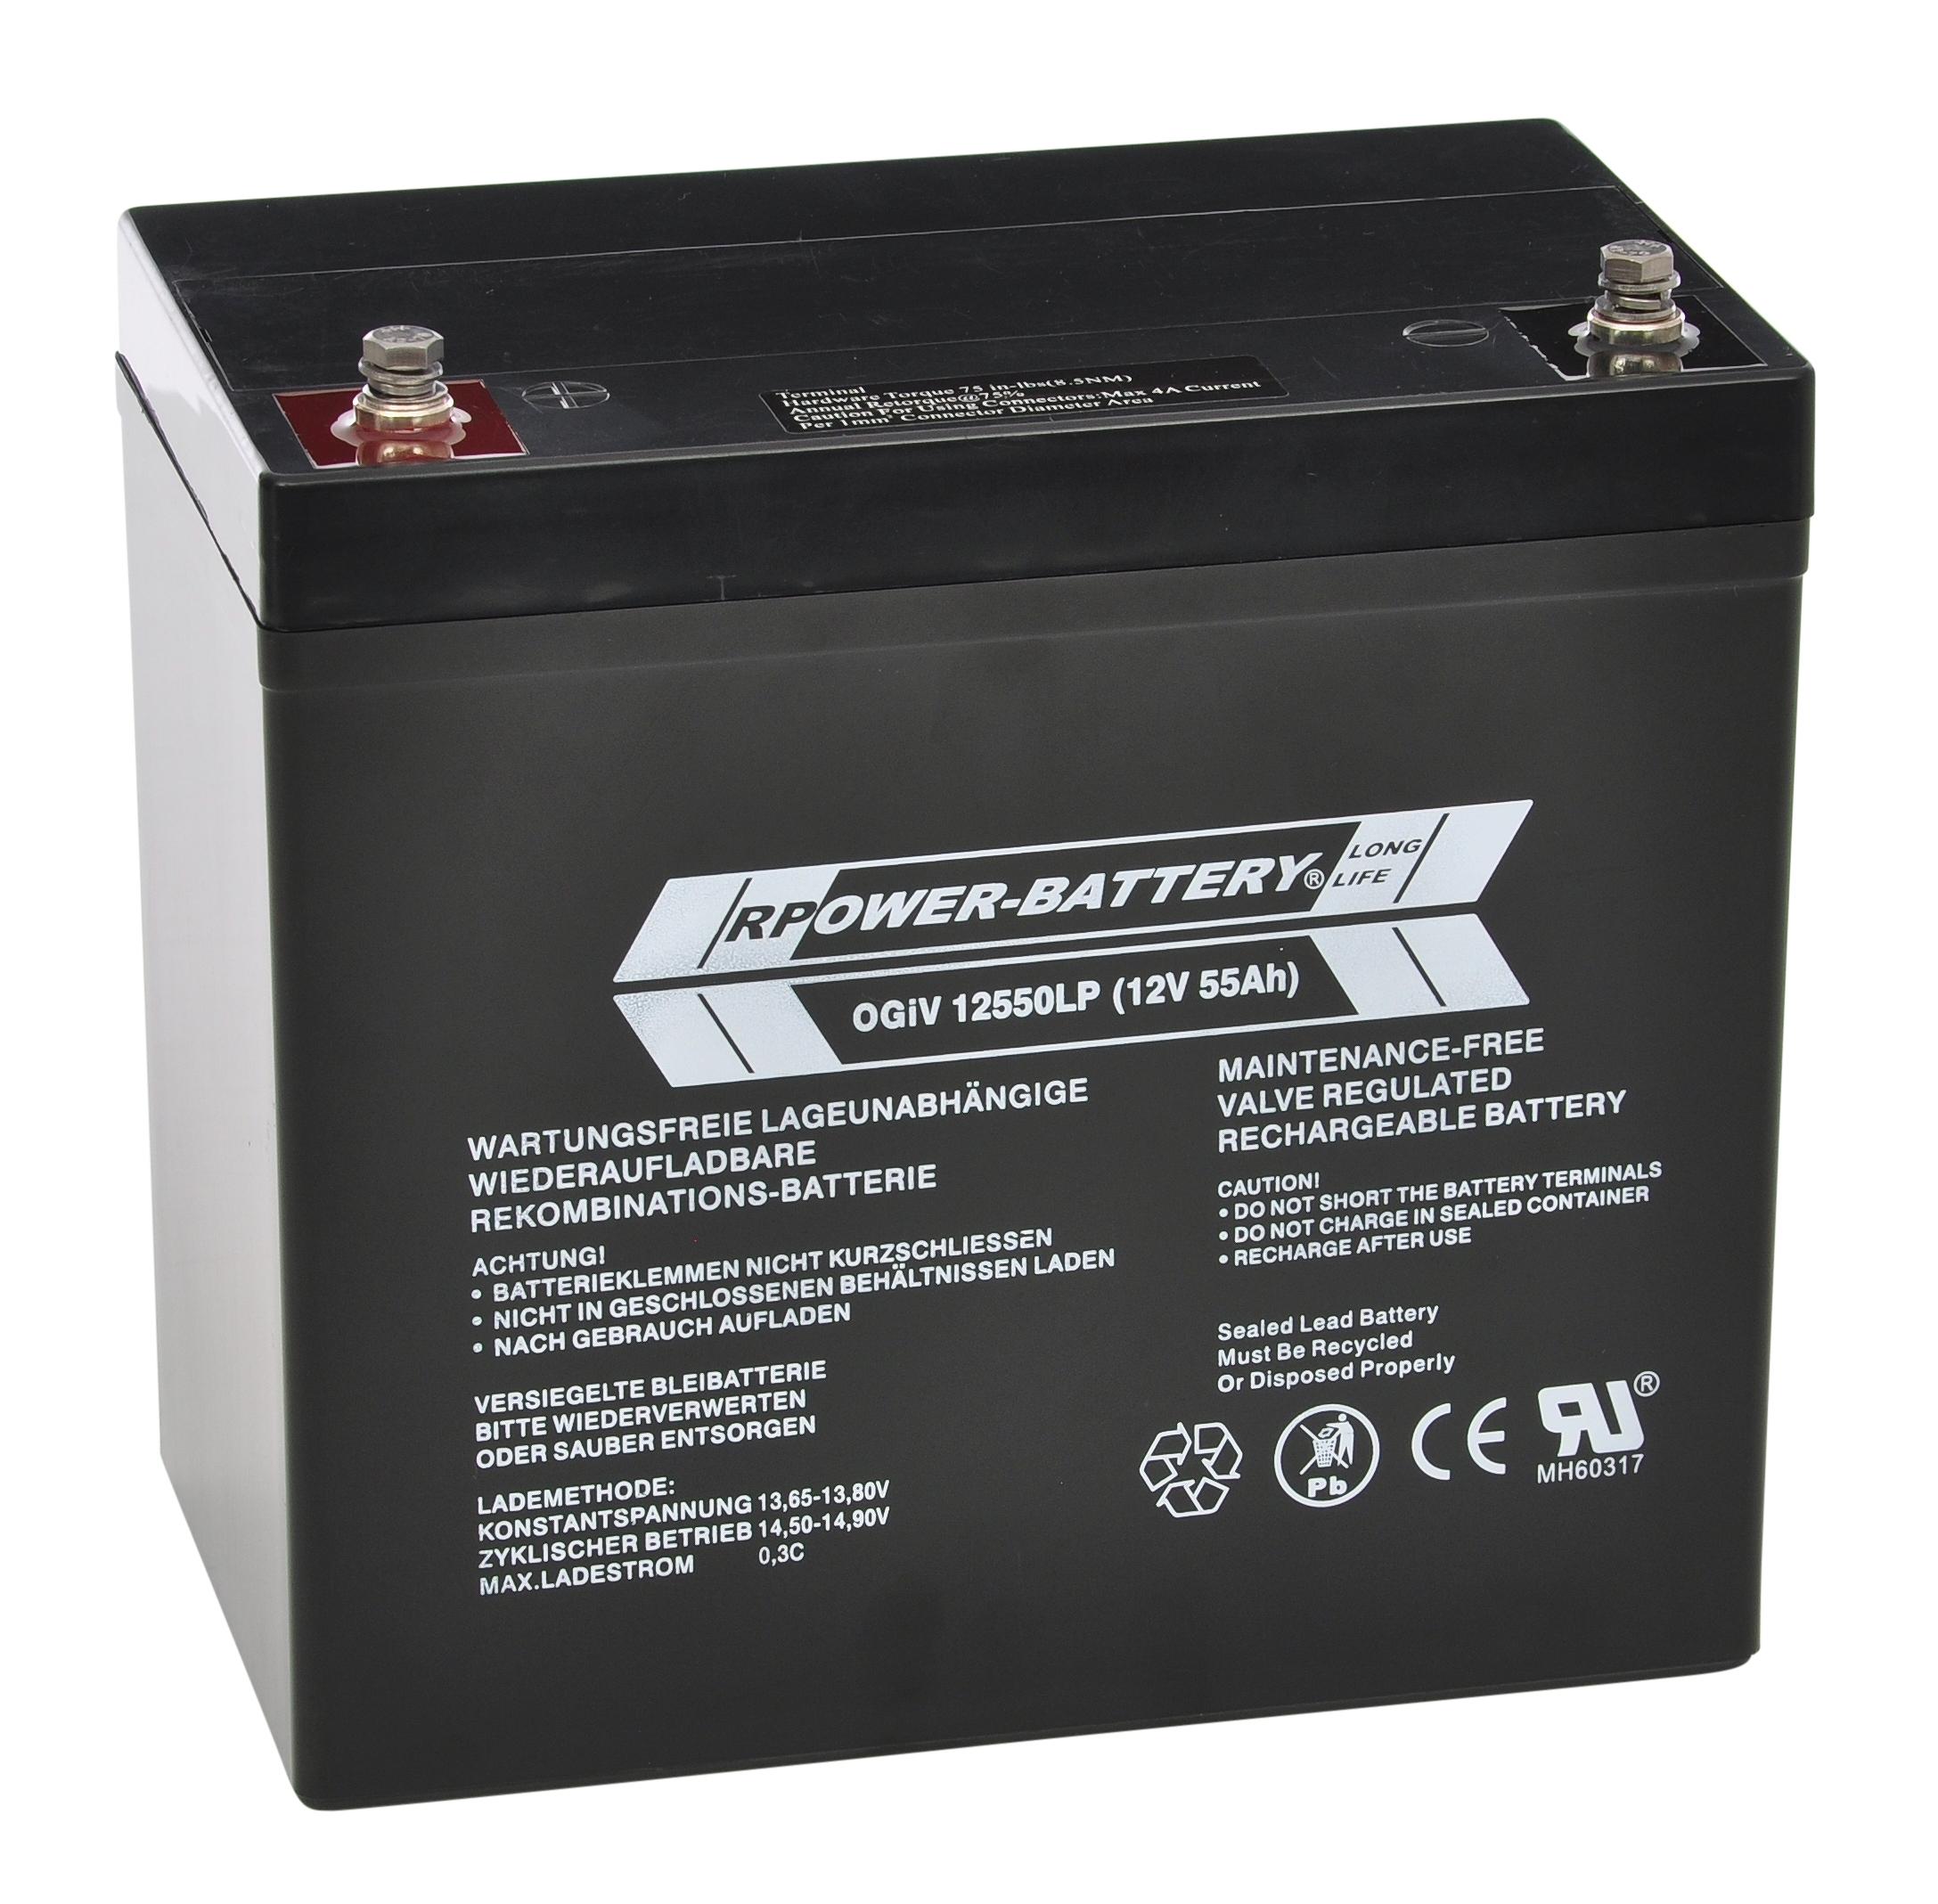 Batterie RPower OGiV longlife bis 12 Jahre 12V/61Ah (C20)